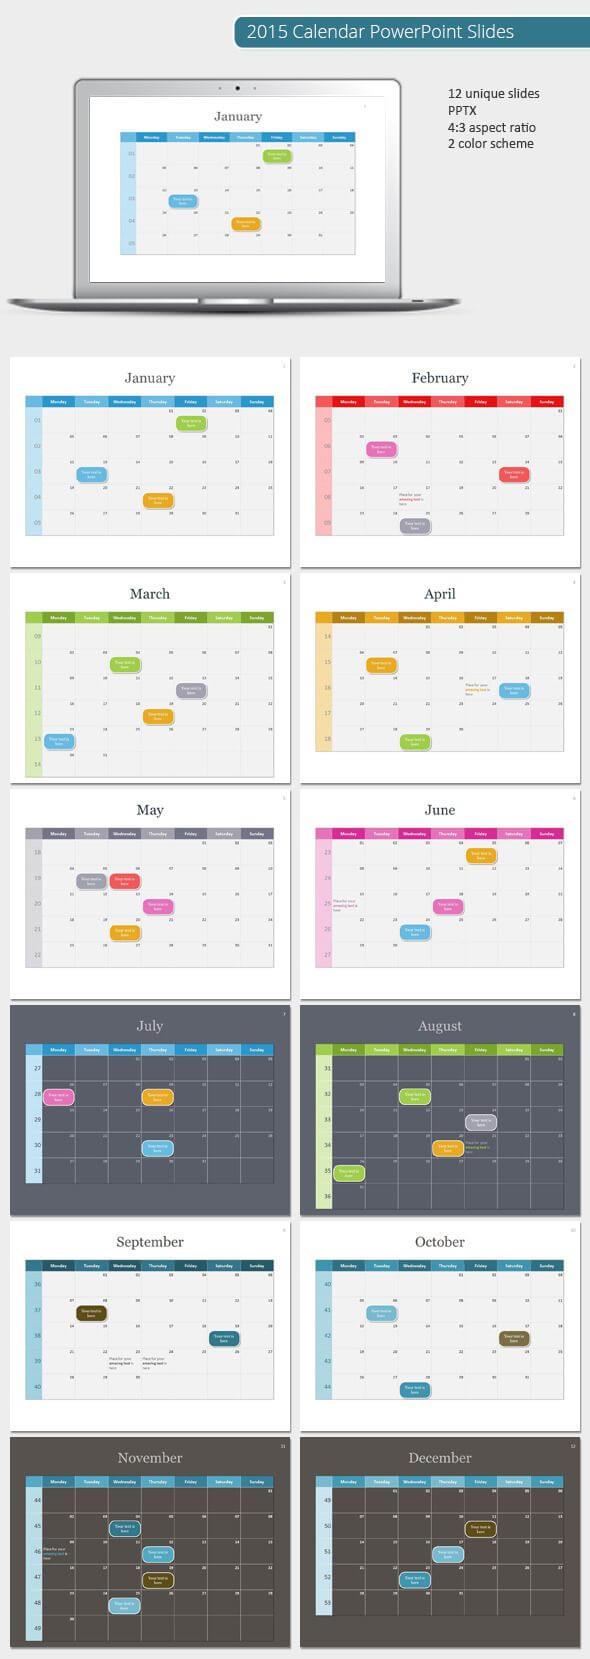 2015 Calendar Powerpoint Template (Powerpoint Templates Regarding Powerpoint Calendar Template 2015